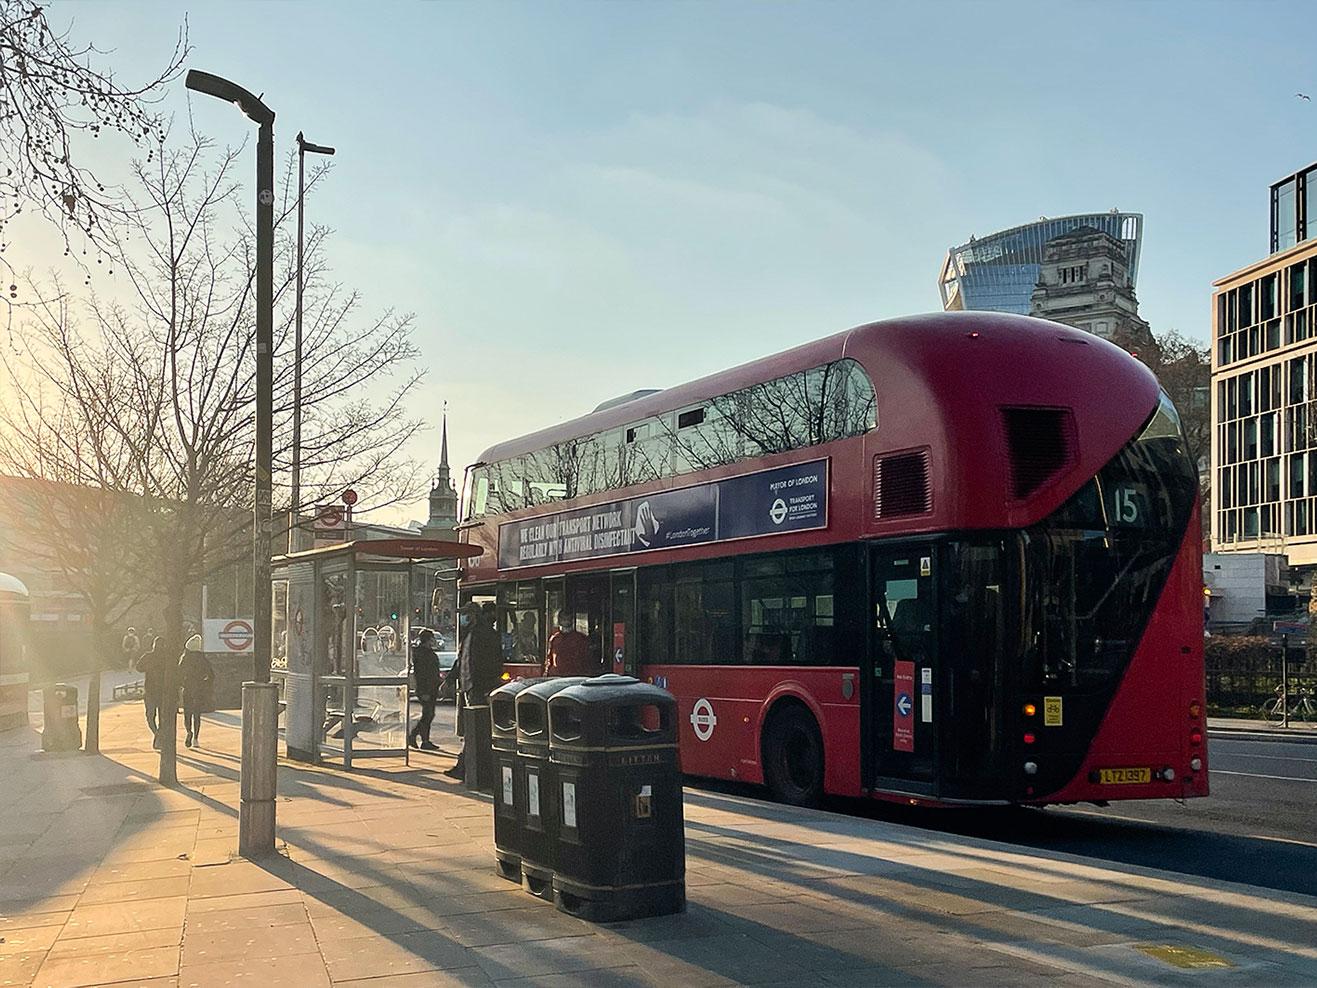 倫敦地圖-11張倫敦實用地圖整理:日間巴士地圖